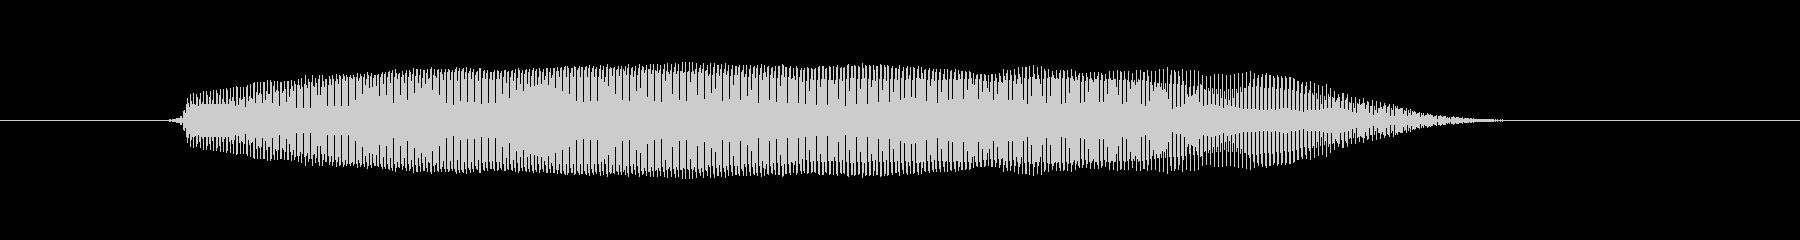 あー 's unreproduced waveform